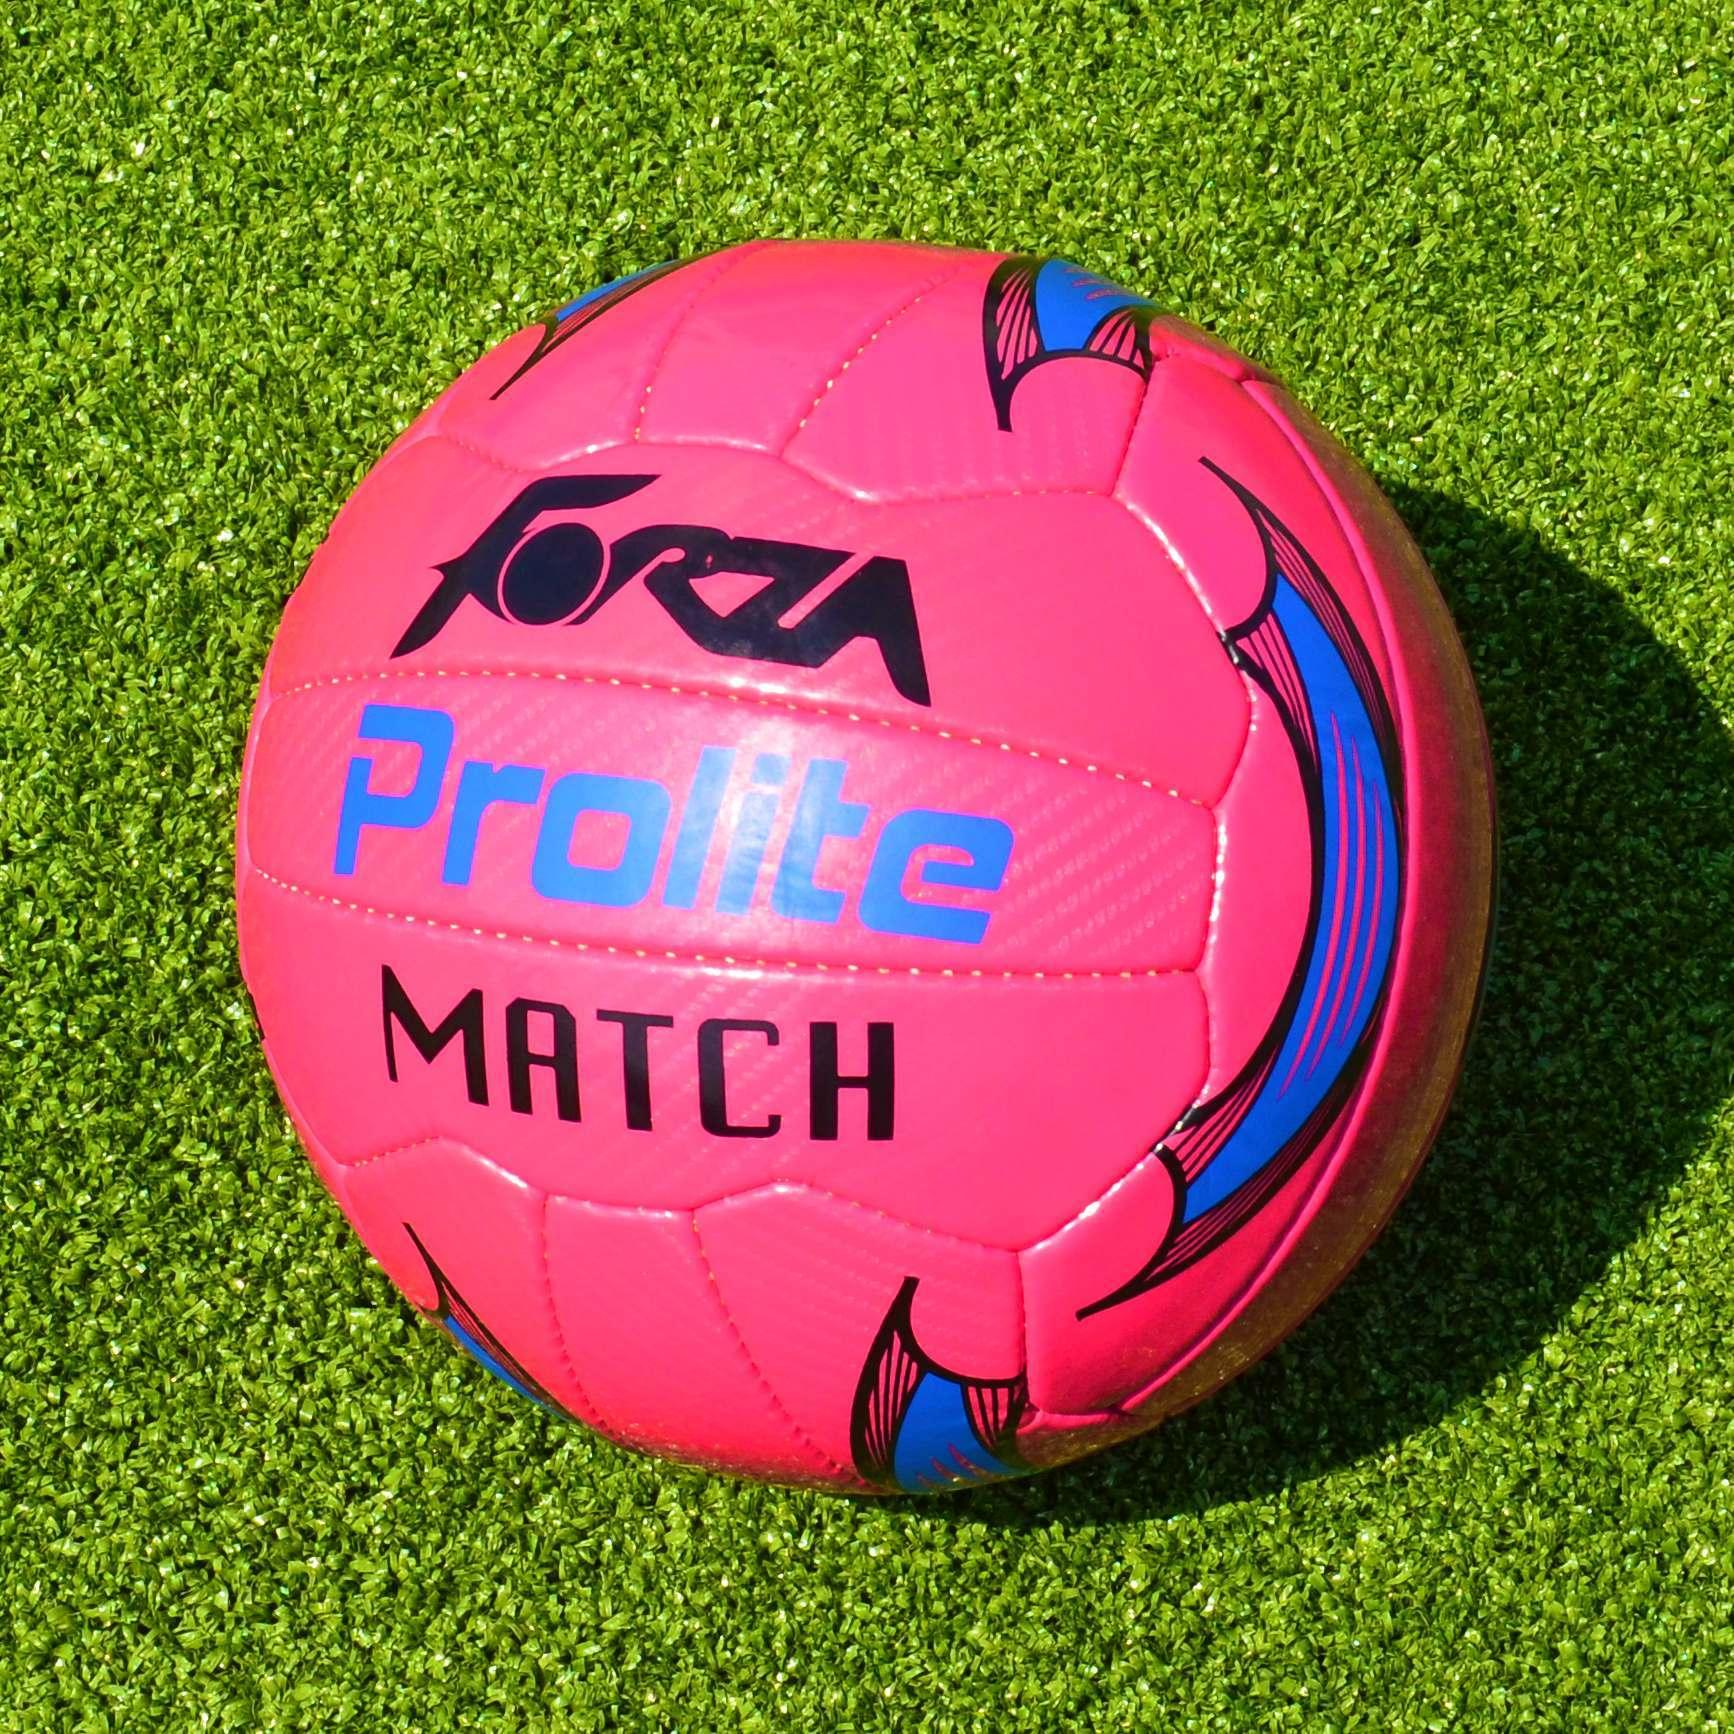 Forza Prolite Match Football Net World Sports